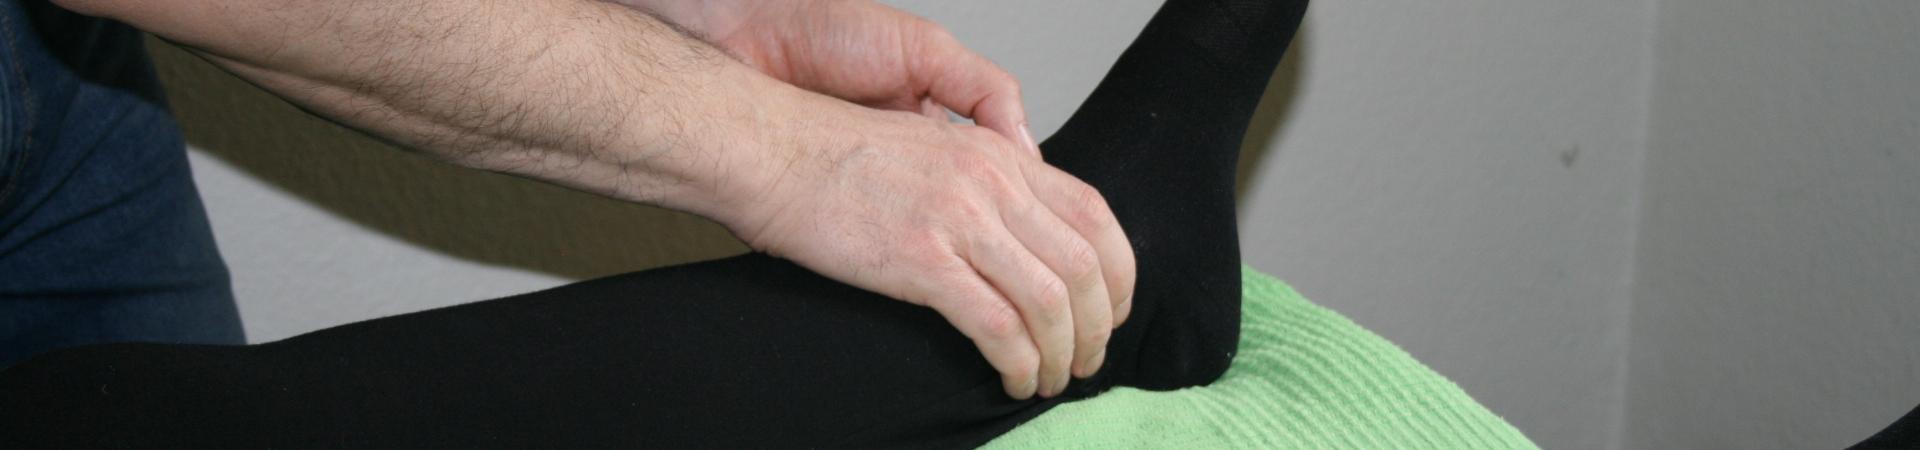 Billedet viser en en klient, der får behandling mod smerter i anklen.